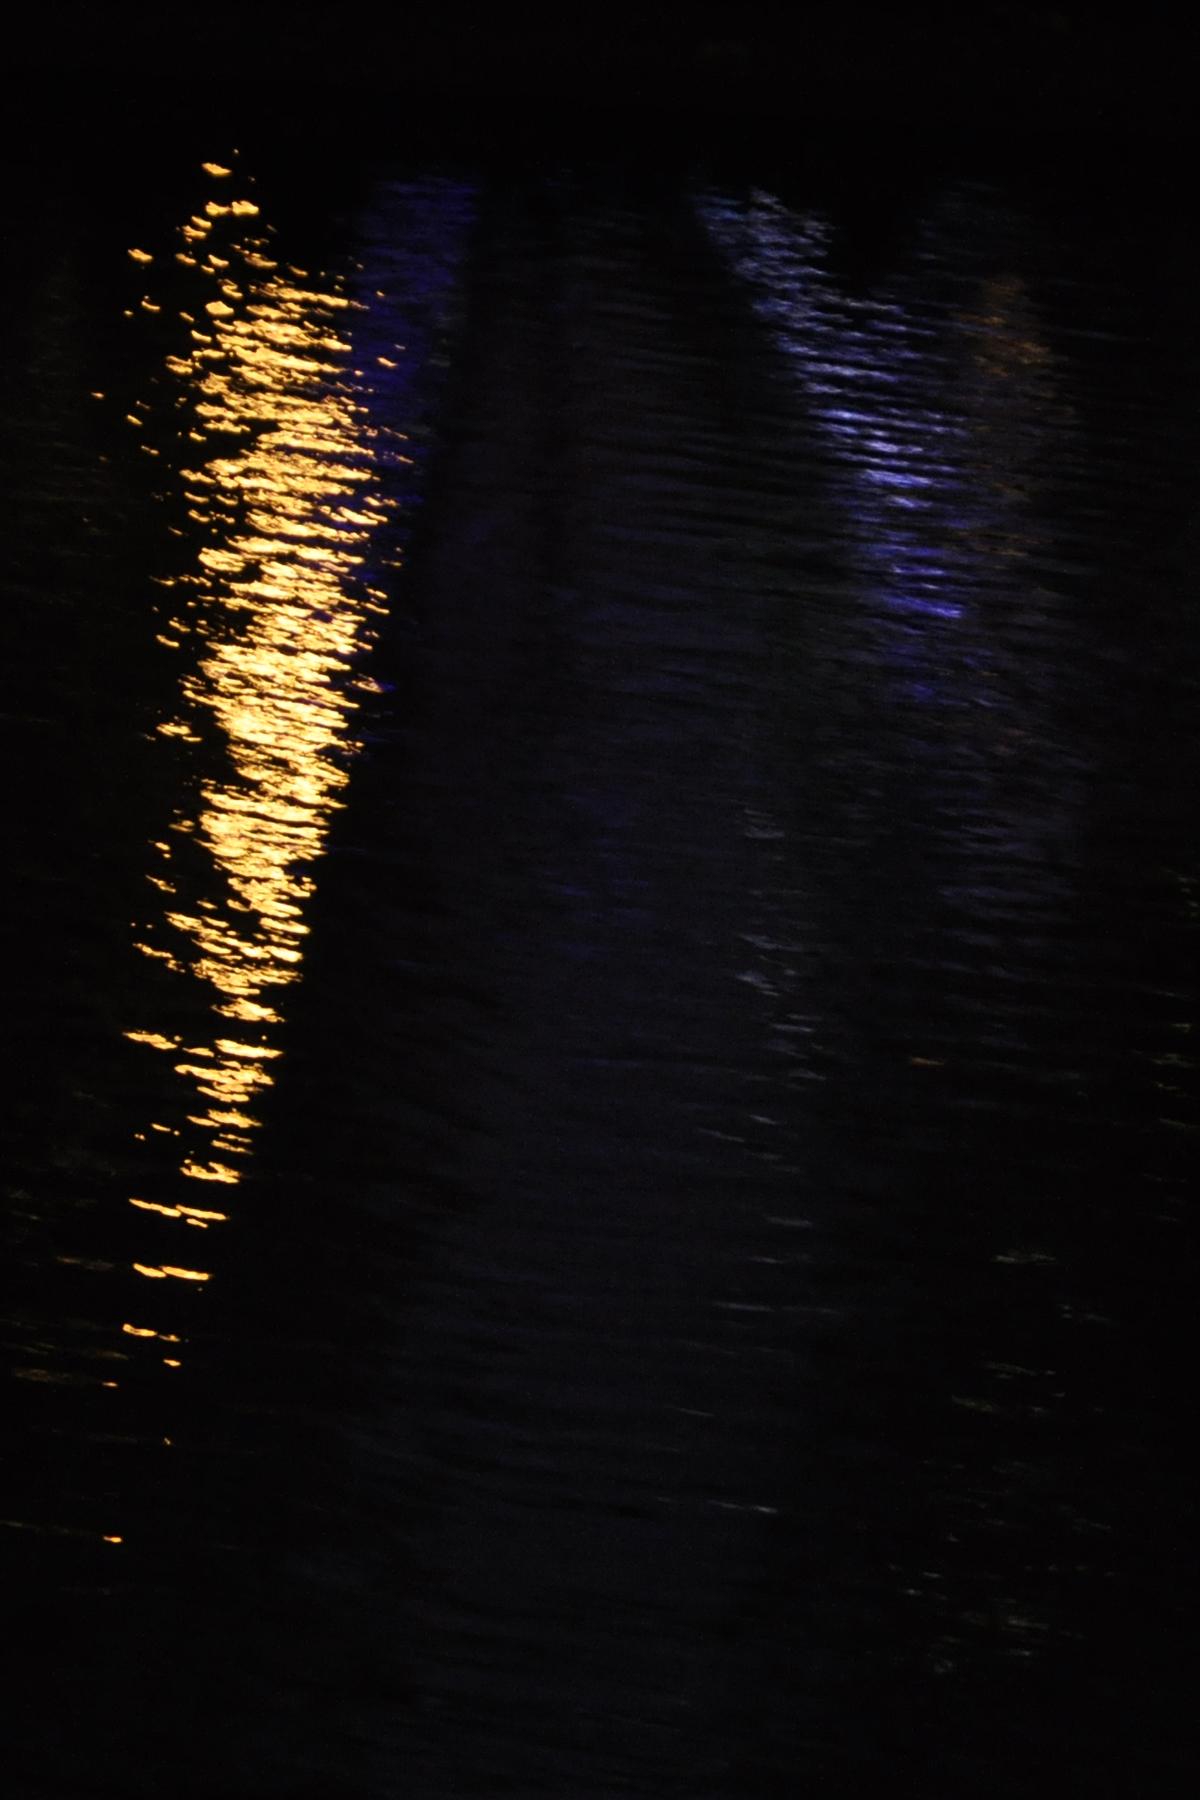 Beholder Images_Nuit Blanche_1807.jpg